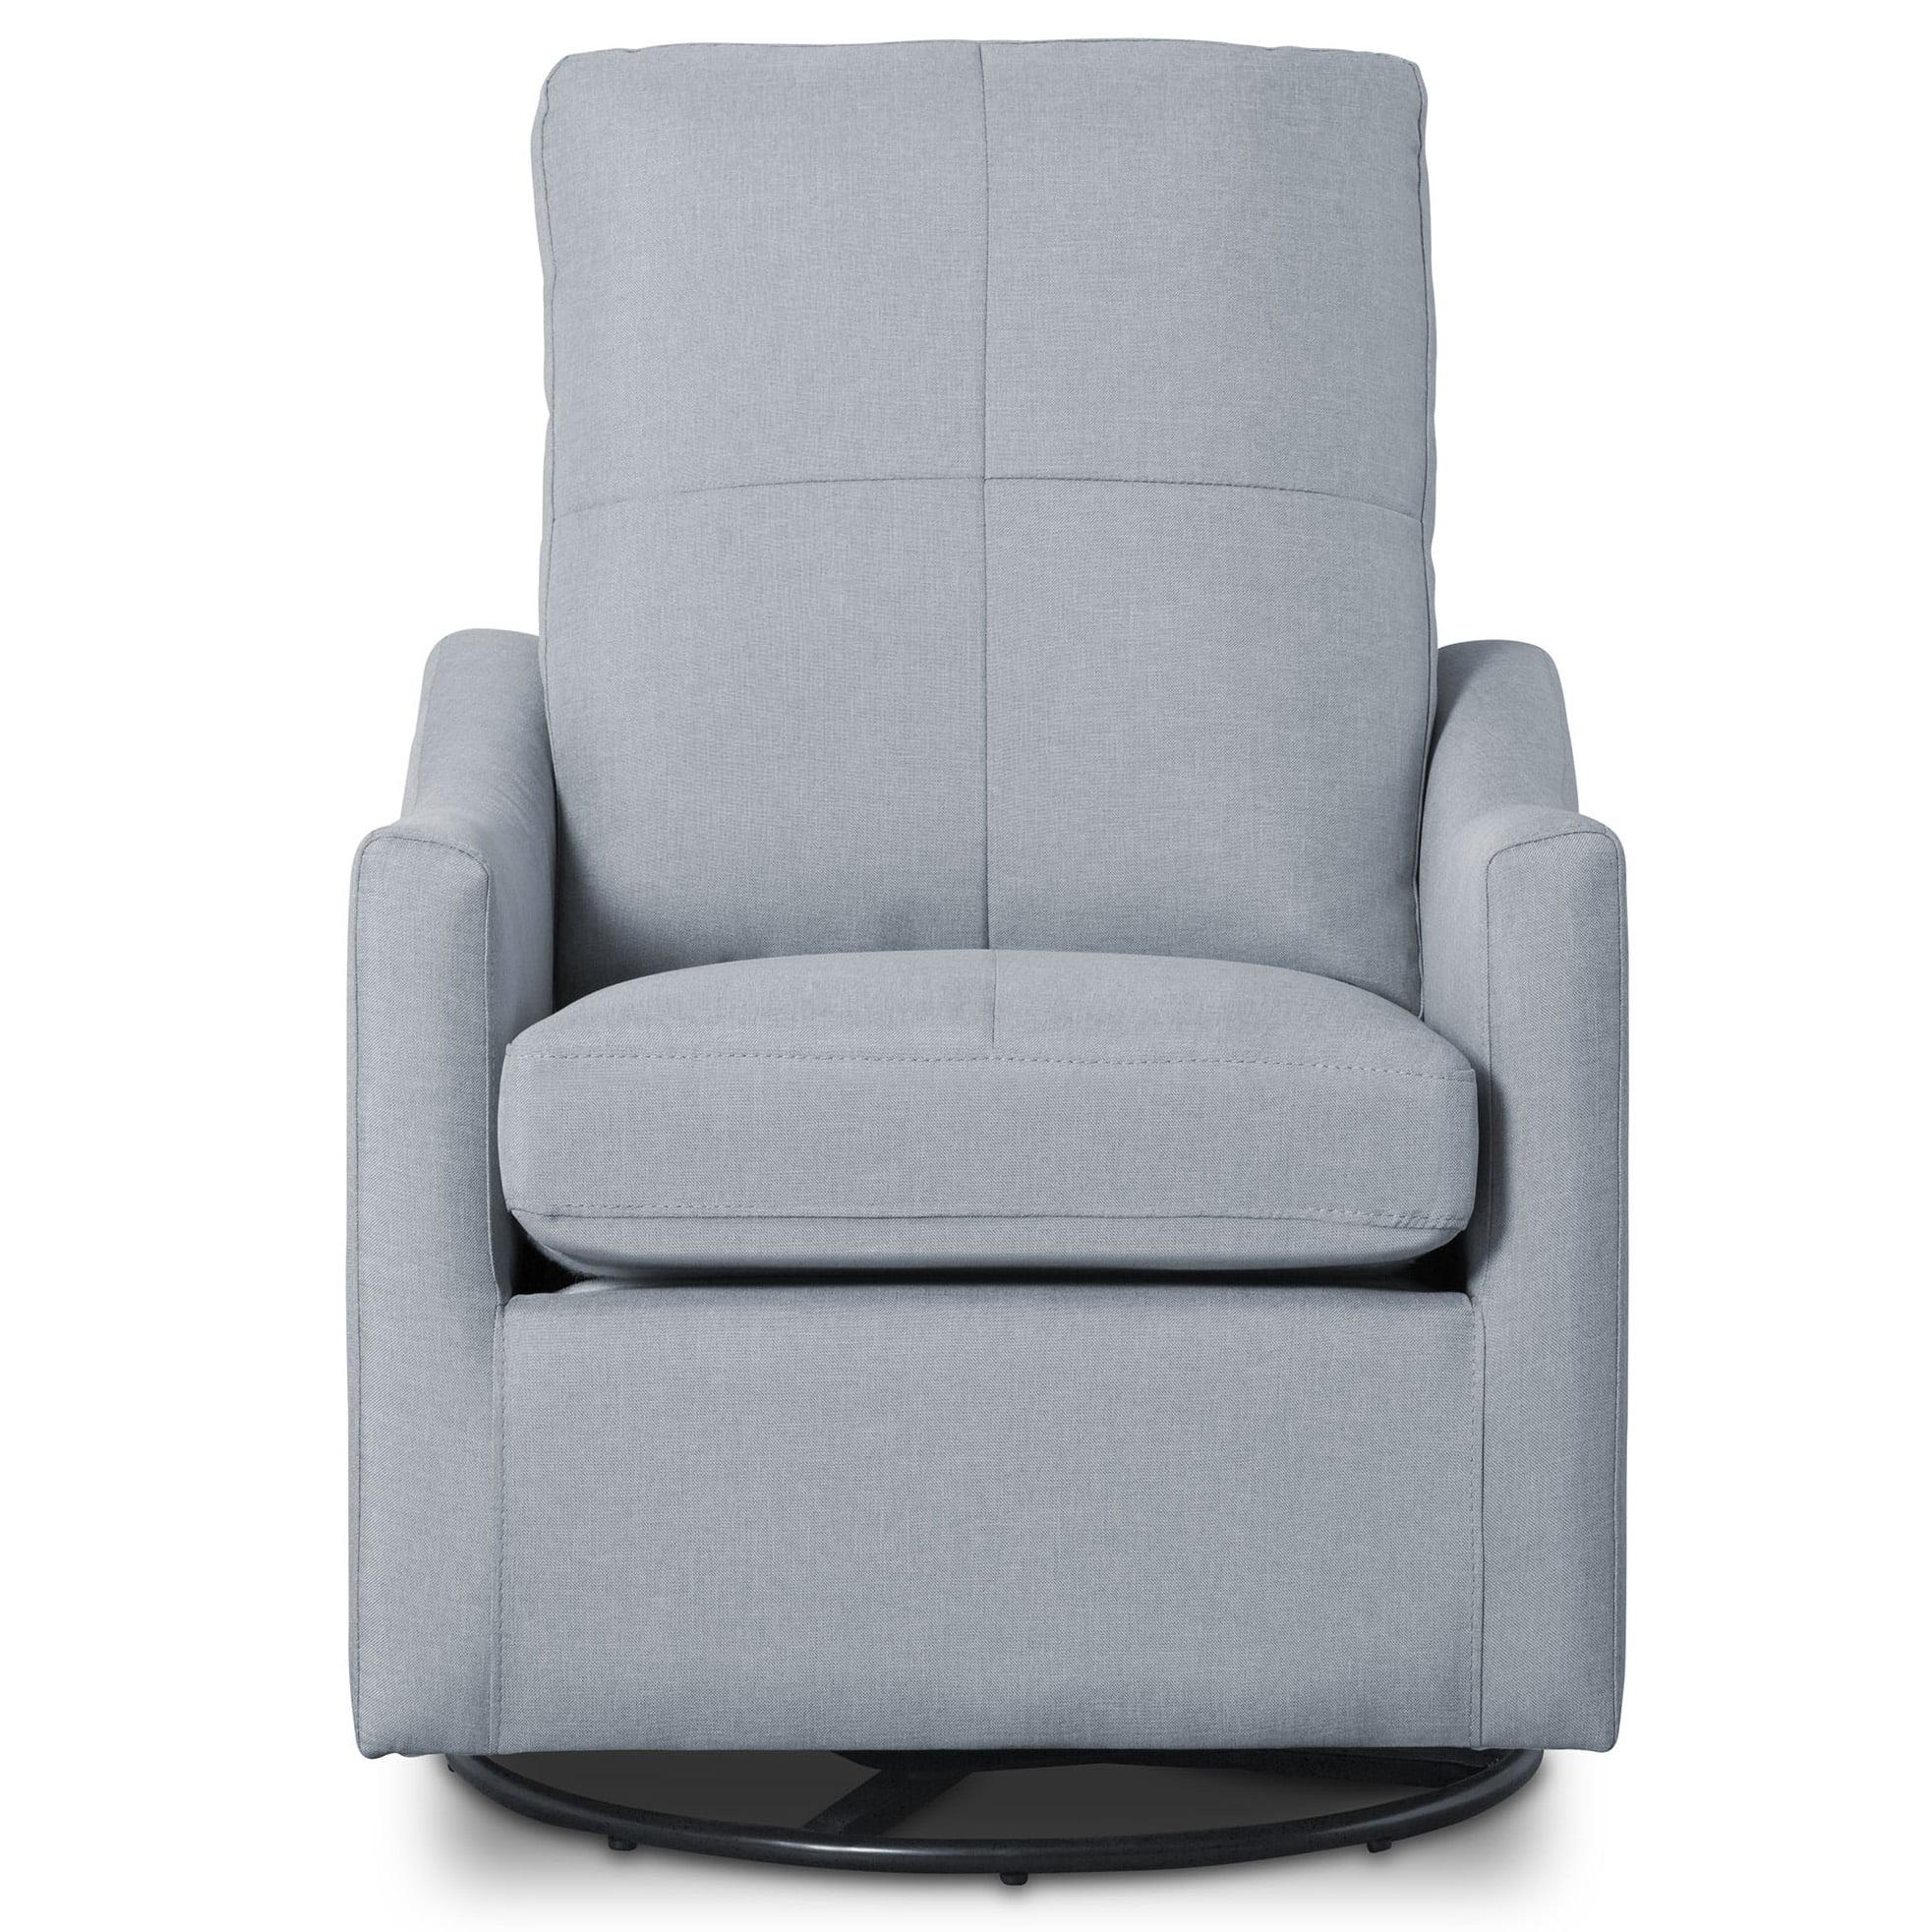 Delta Children Kenwood Nursery Glider Swivel Rocker Chair, French ...